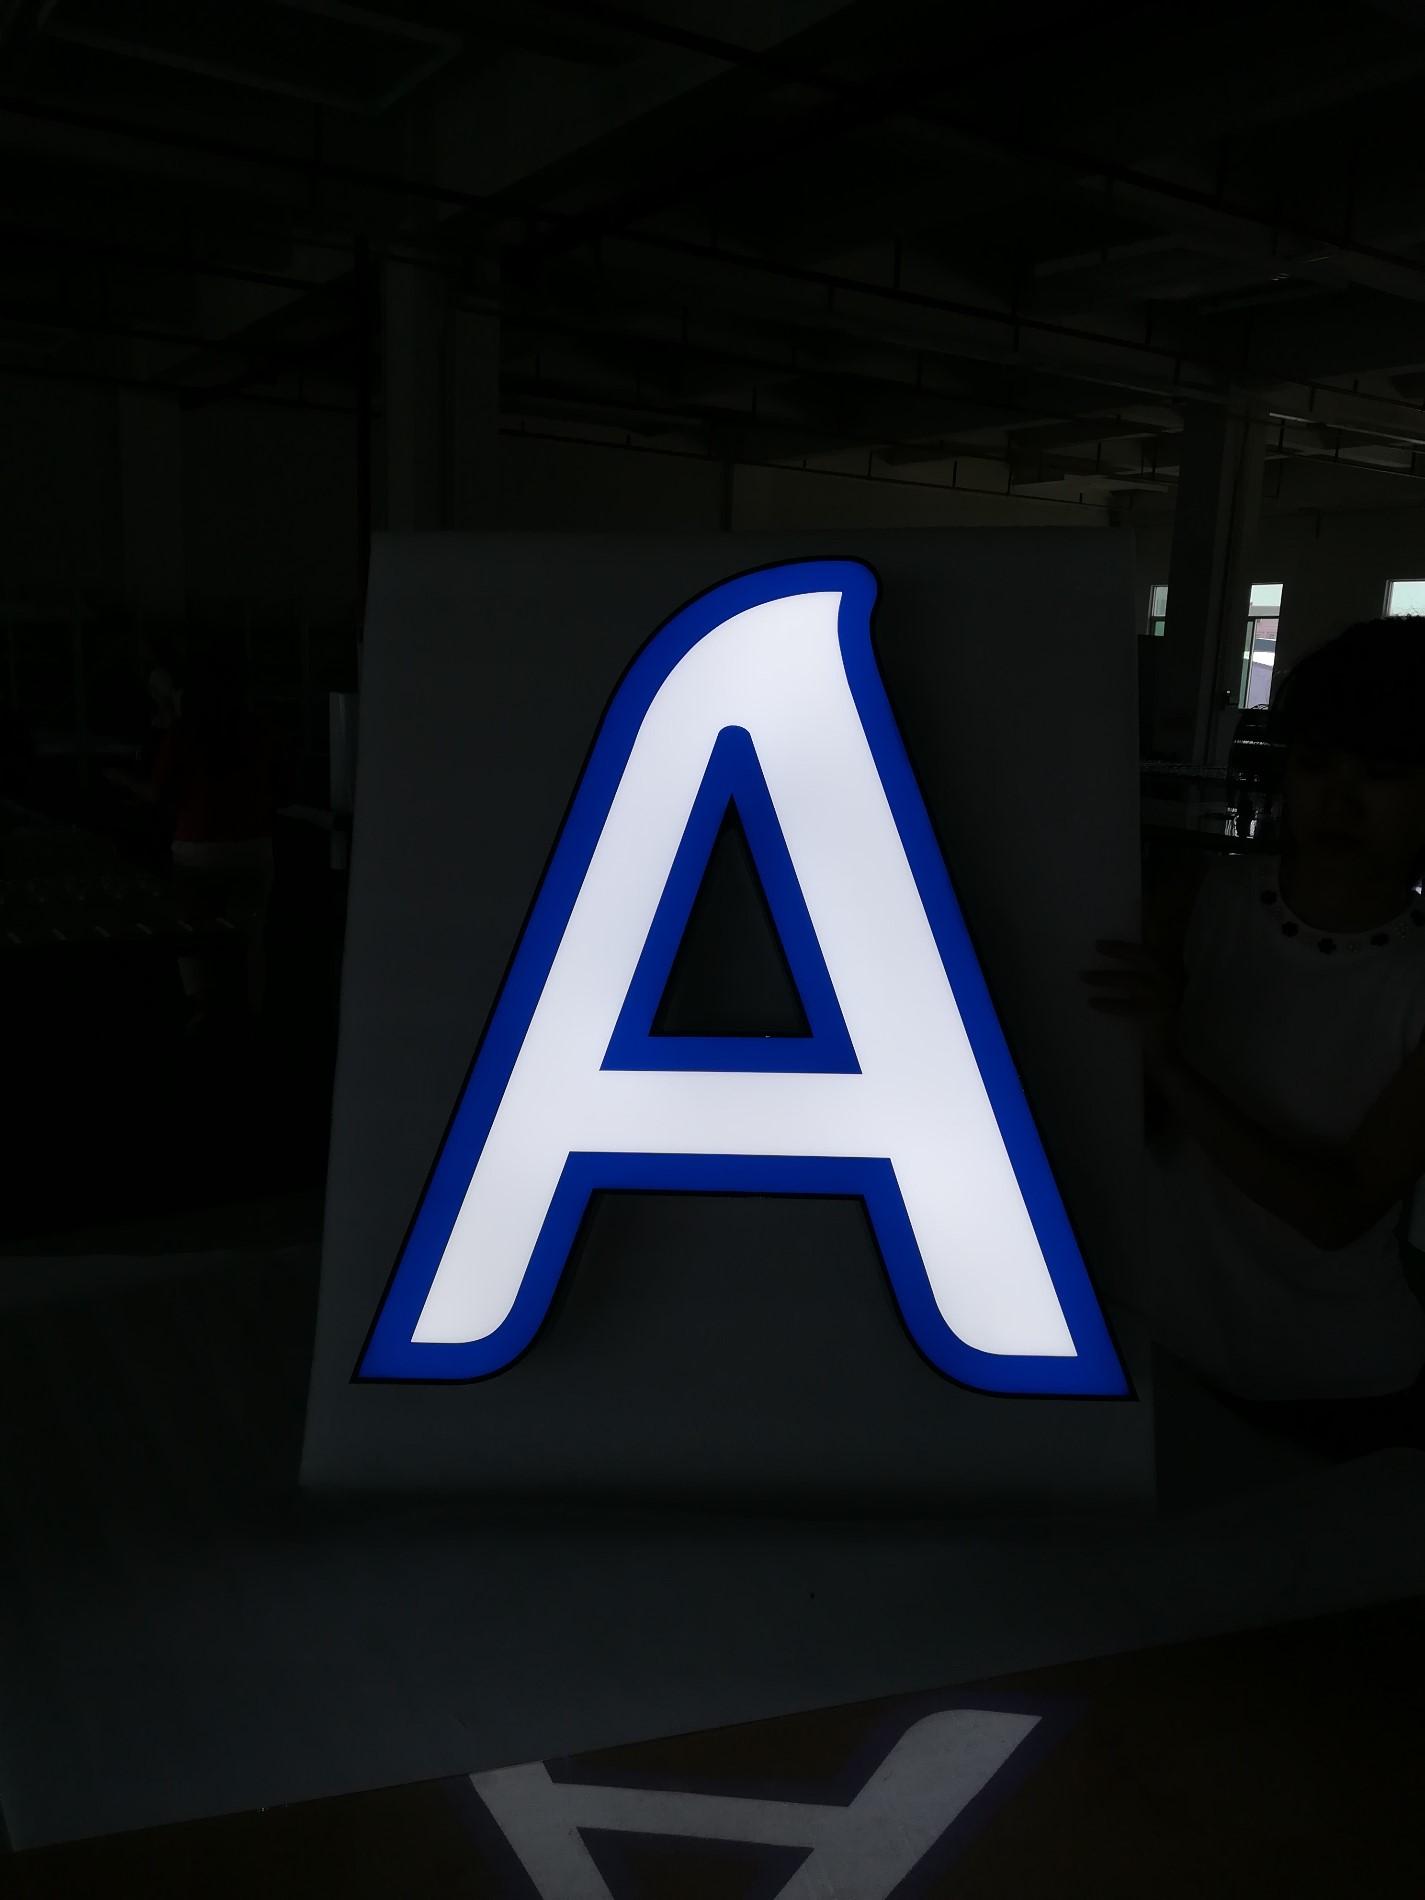 3d Face Lit Acrylic Mini LED Channel Letter Sign Manufacturers, 3d Face Lit Acrylic Mini LED Channel Letter Sign Factory, Supply 3d Face Lit Acrylic Mini LED Channel Letter Sign